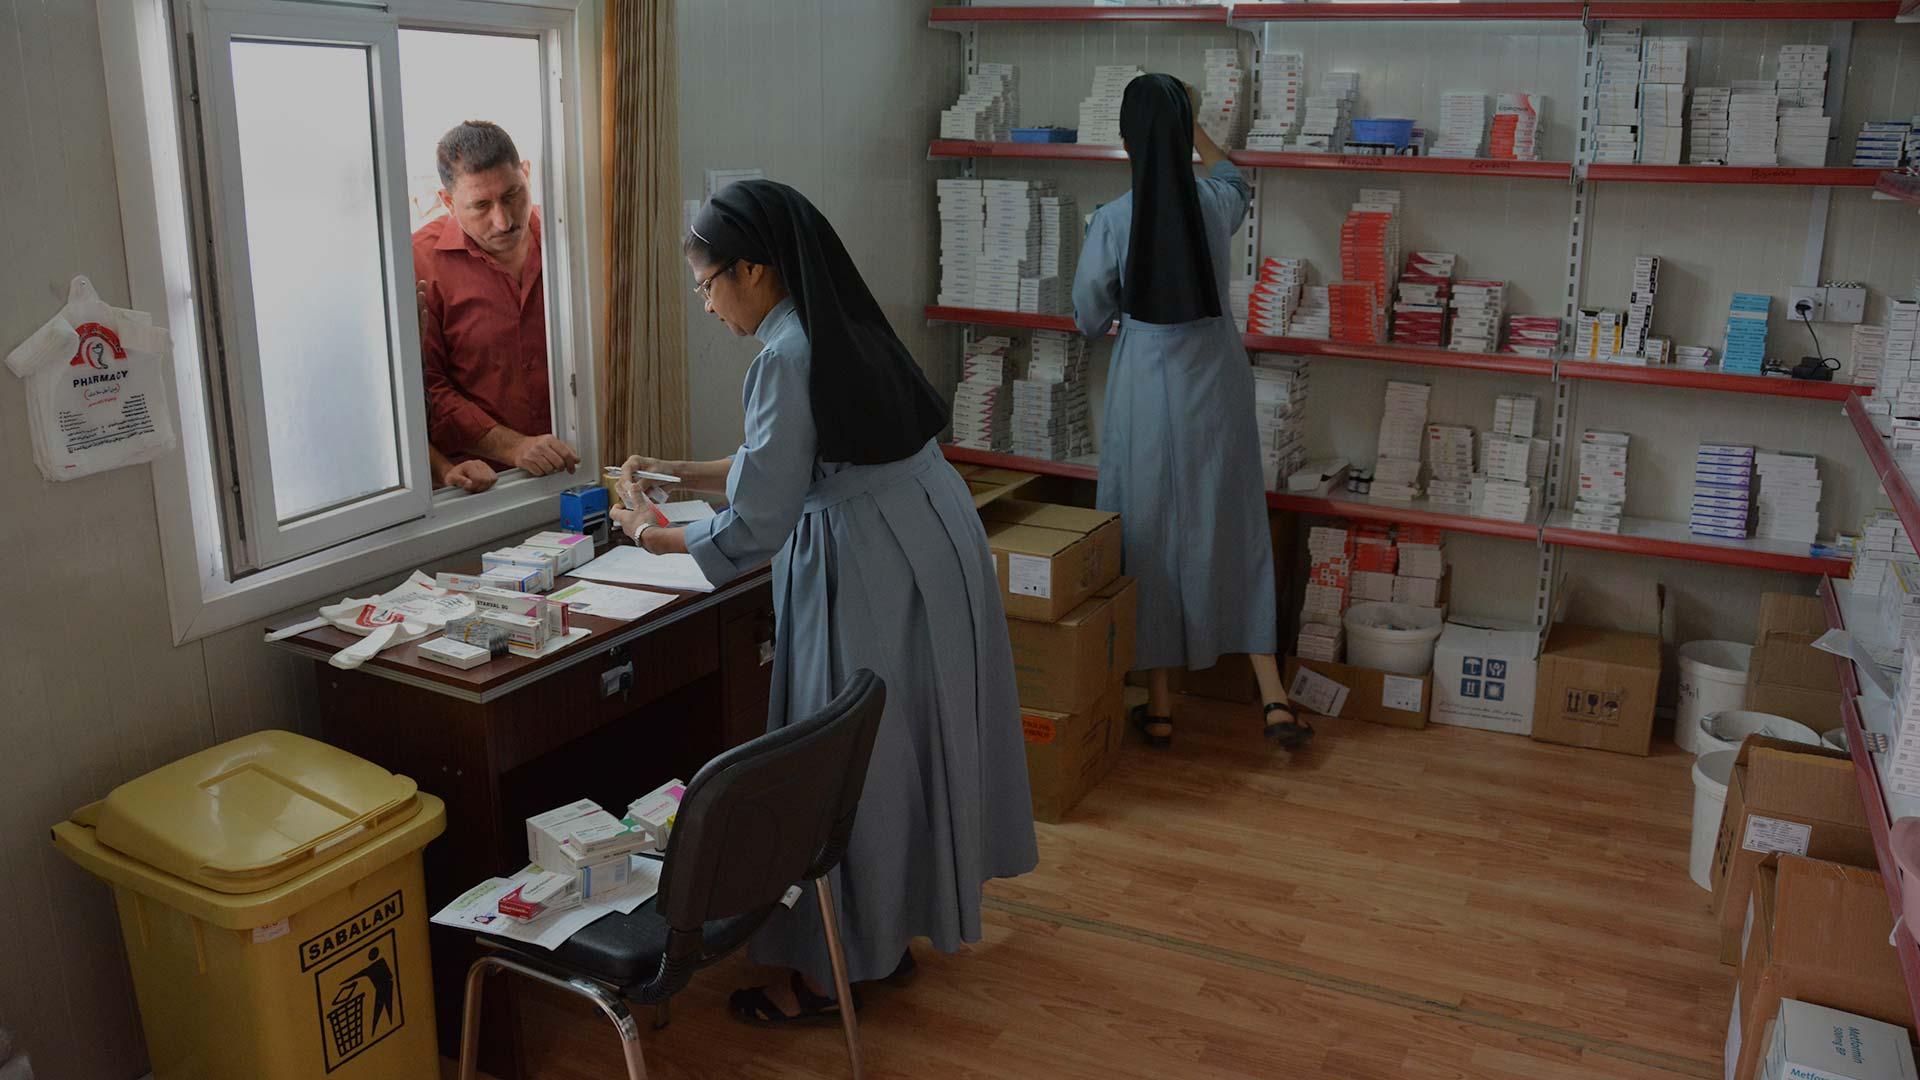 Irak: San José, una clínica con las puertas abiertas